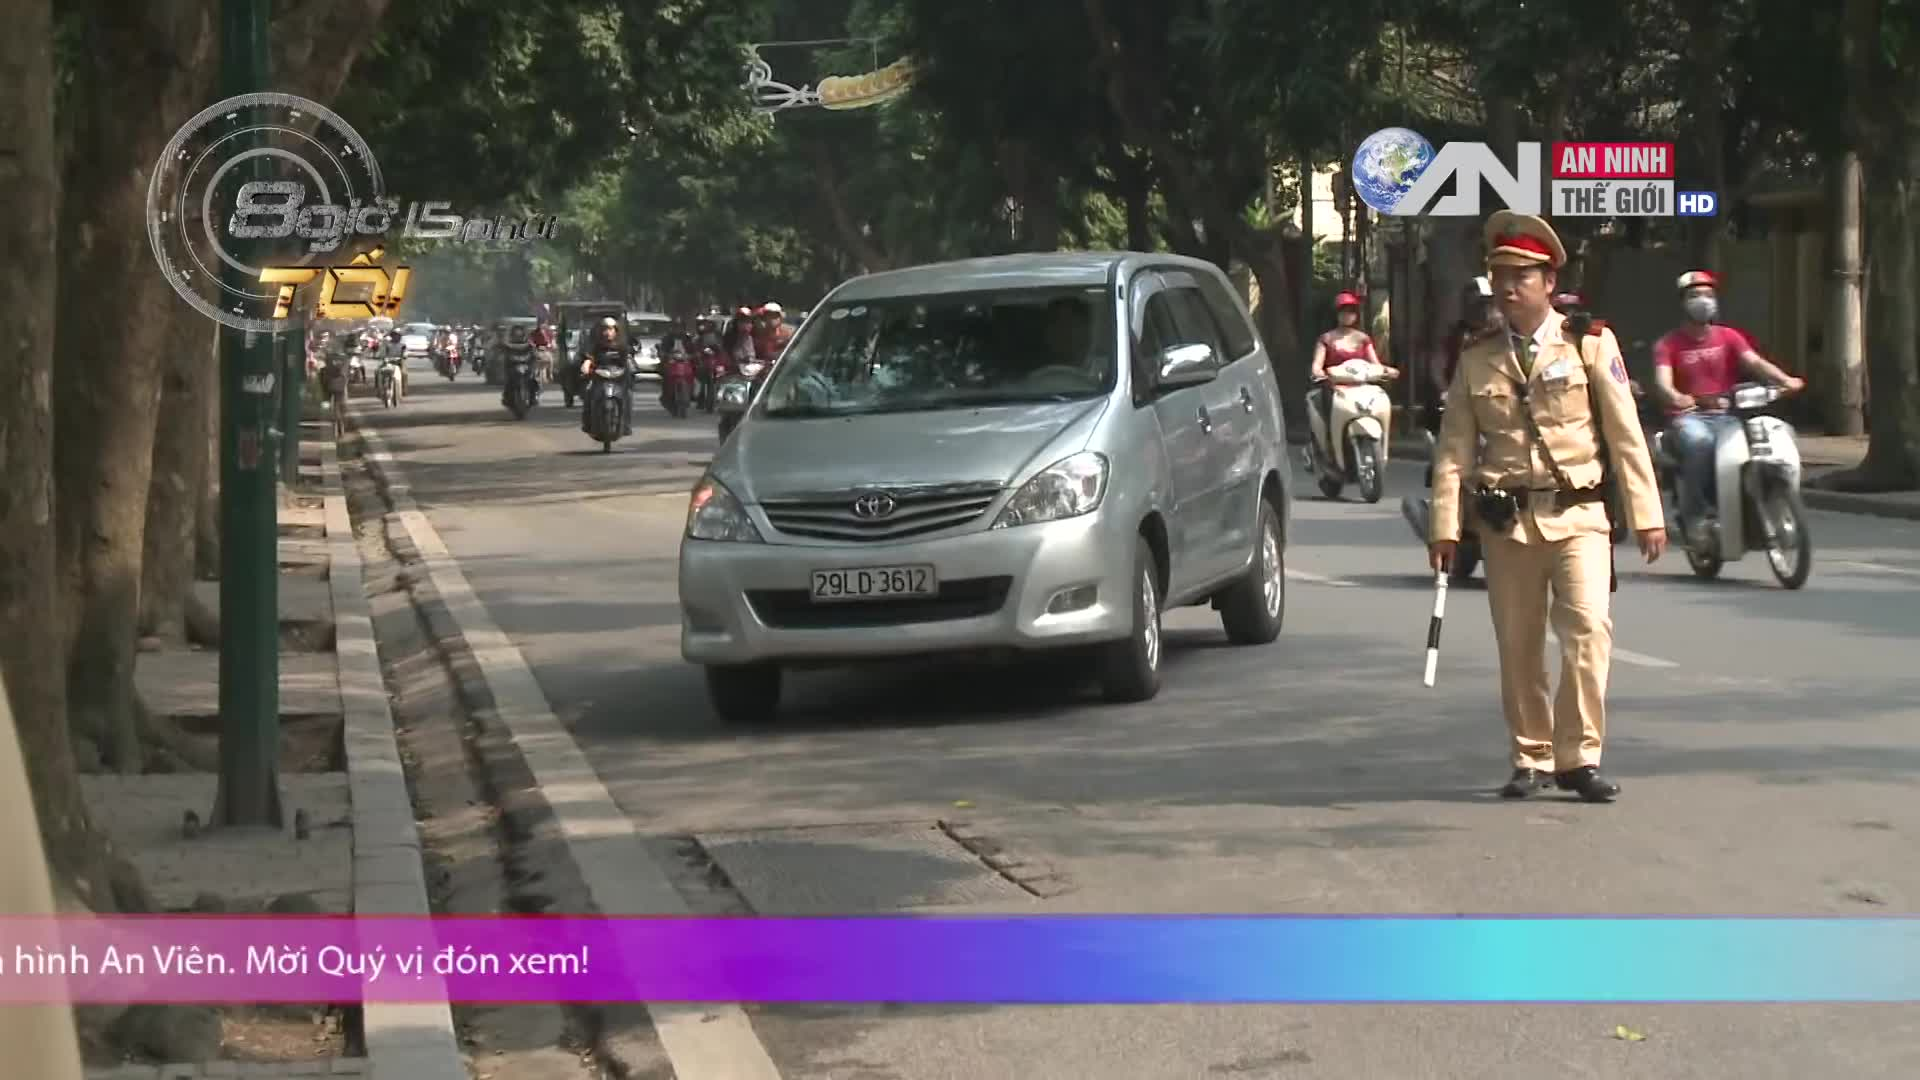 """""""Dở khóc dở cười"""" chuyện phạt nguội qua camera giao thông ở Hà Nội"""